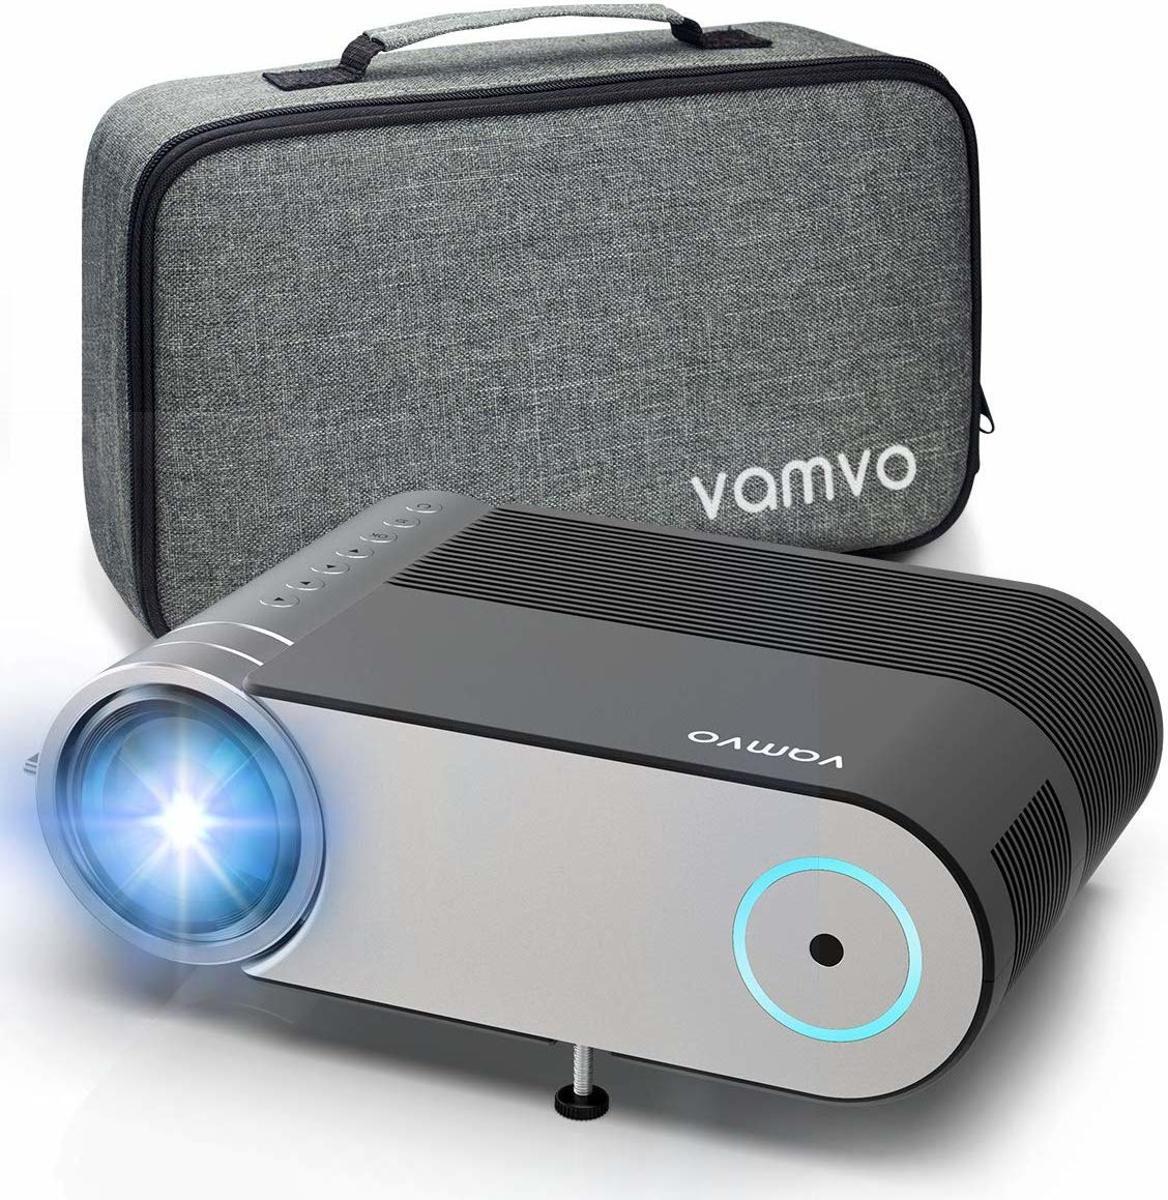 Vamvo® Mini beamer, 4000 lumen, 1280 x 720p, met draagtas, ondersteunt 1080p multimedia projector LED 50.000 uur voor onderweg of thuisbioscoop op Mobiel, PS4, XBOX ONE, Wii compatibel met HDMI/USB kopen